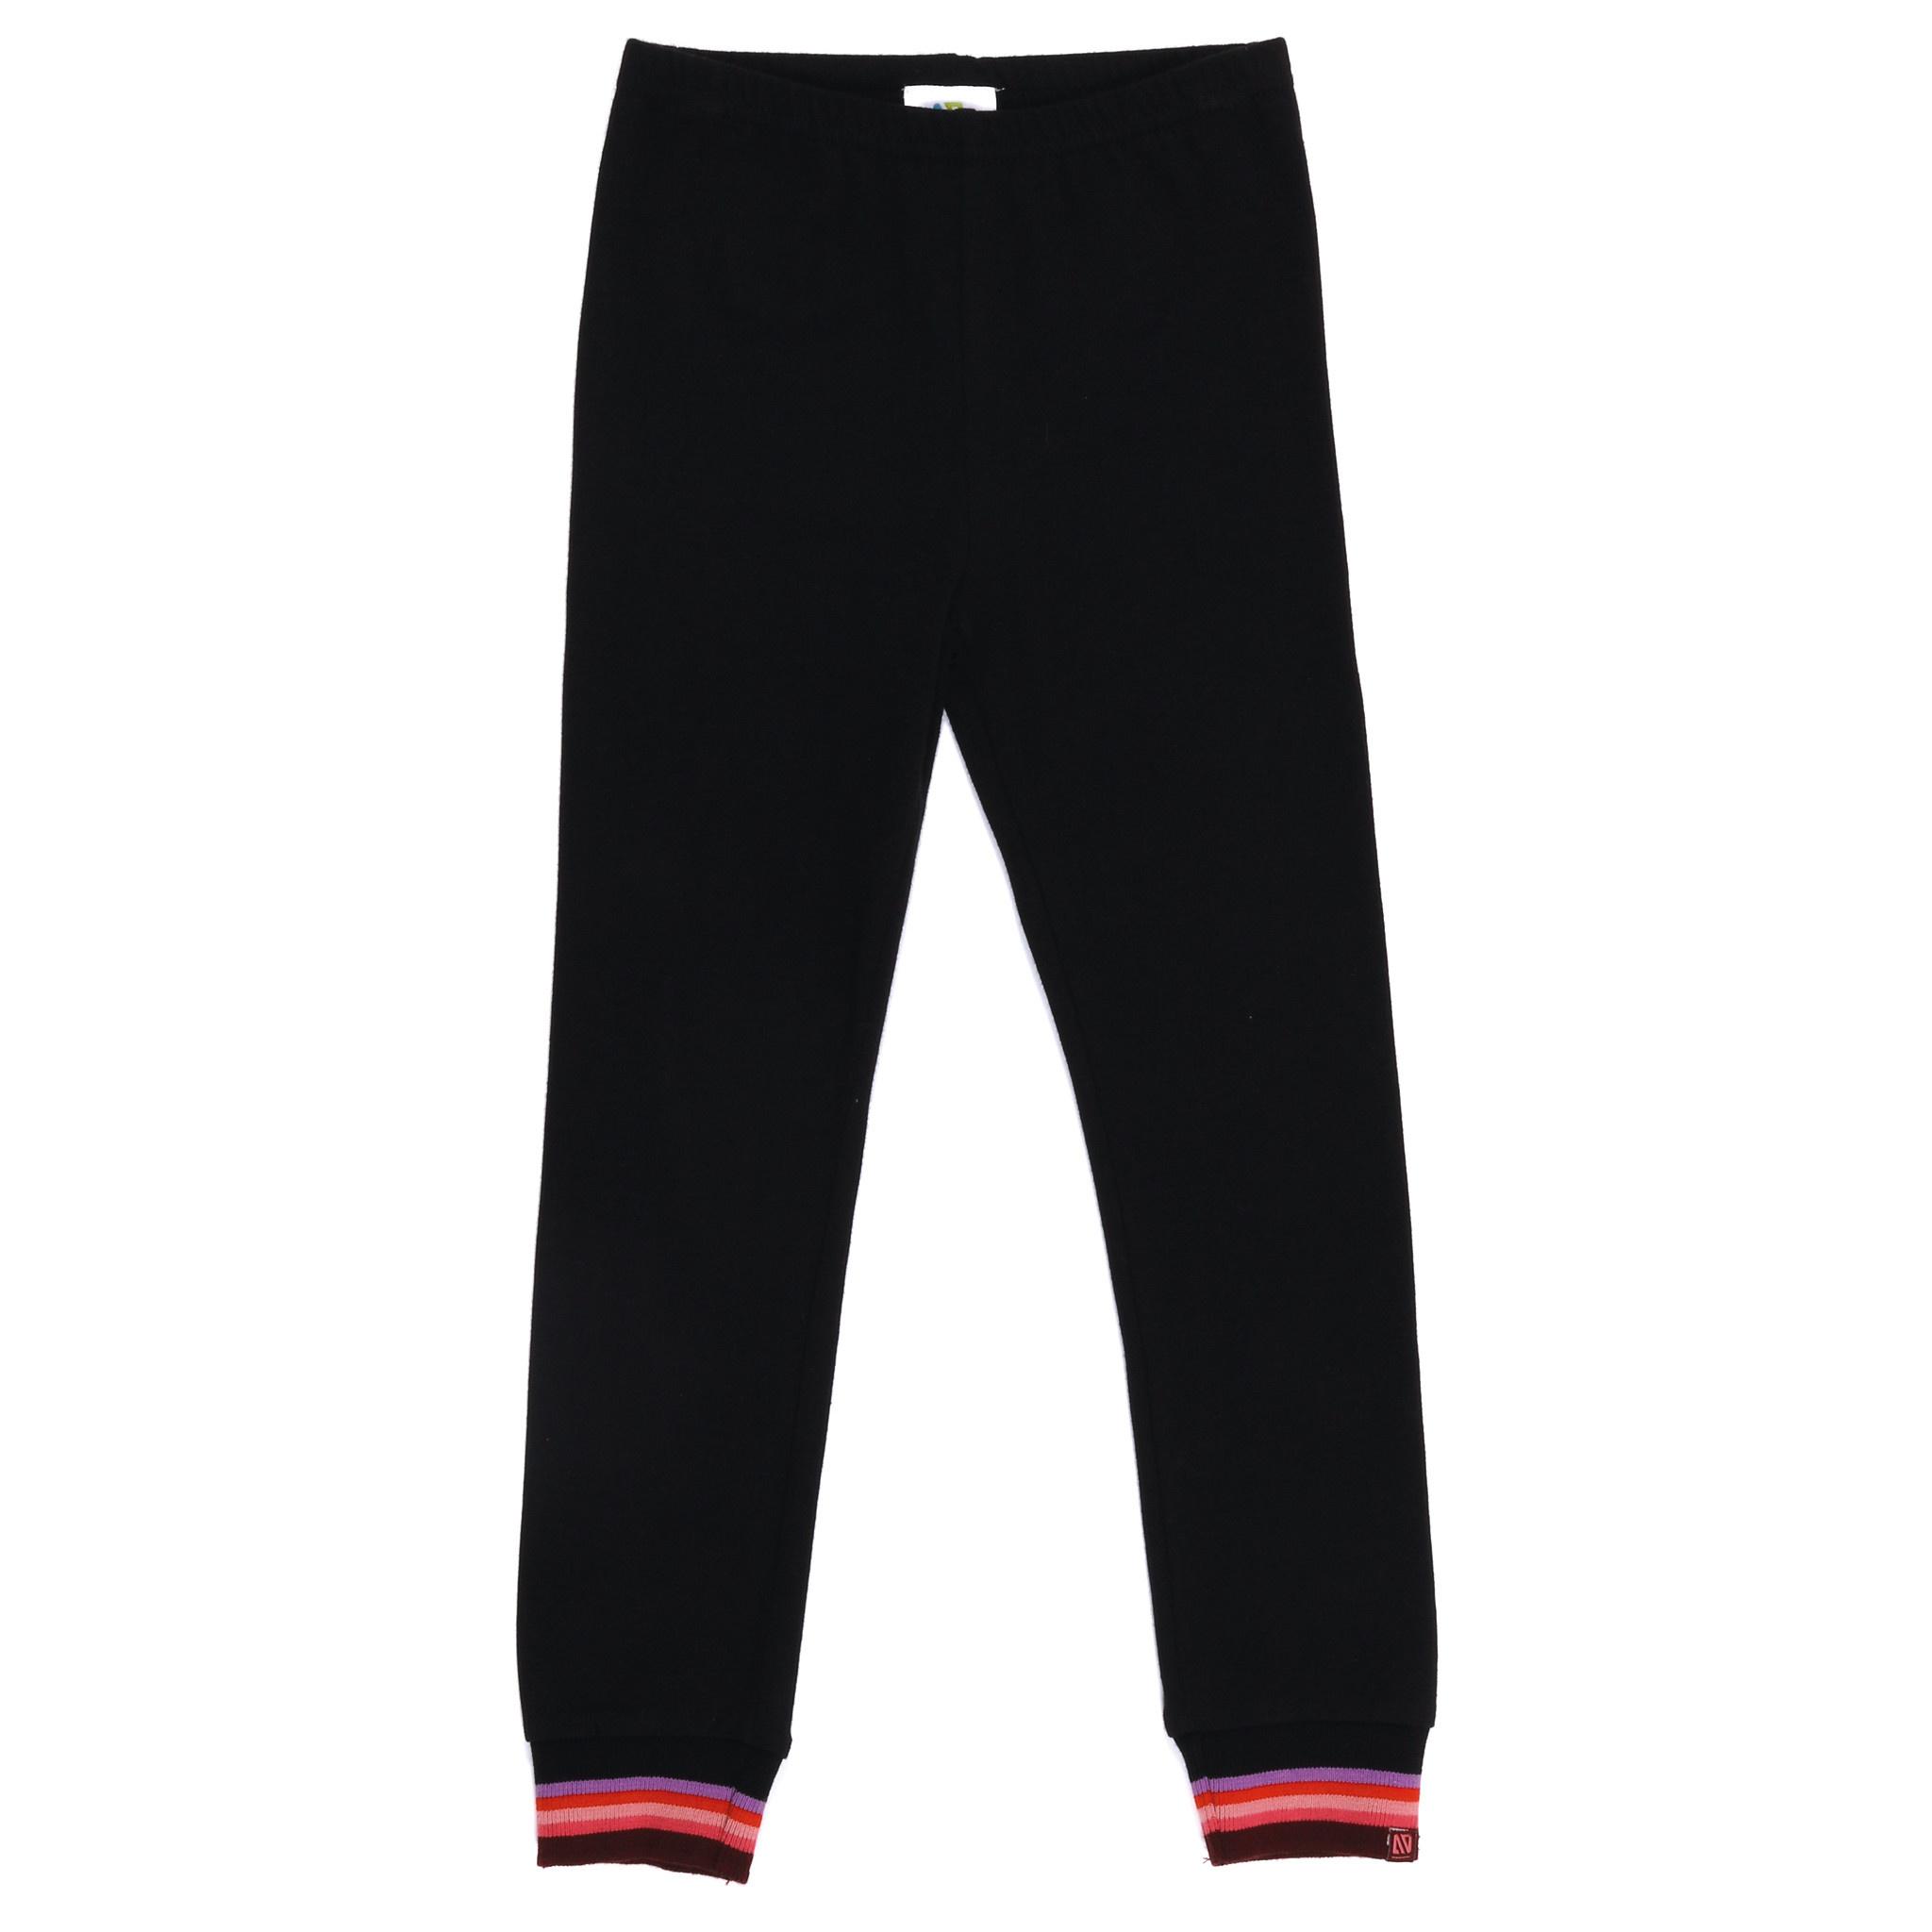 Legging Noir - Flash Retro-3